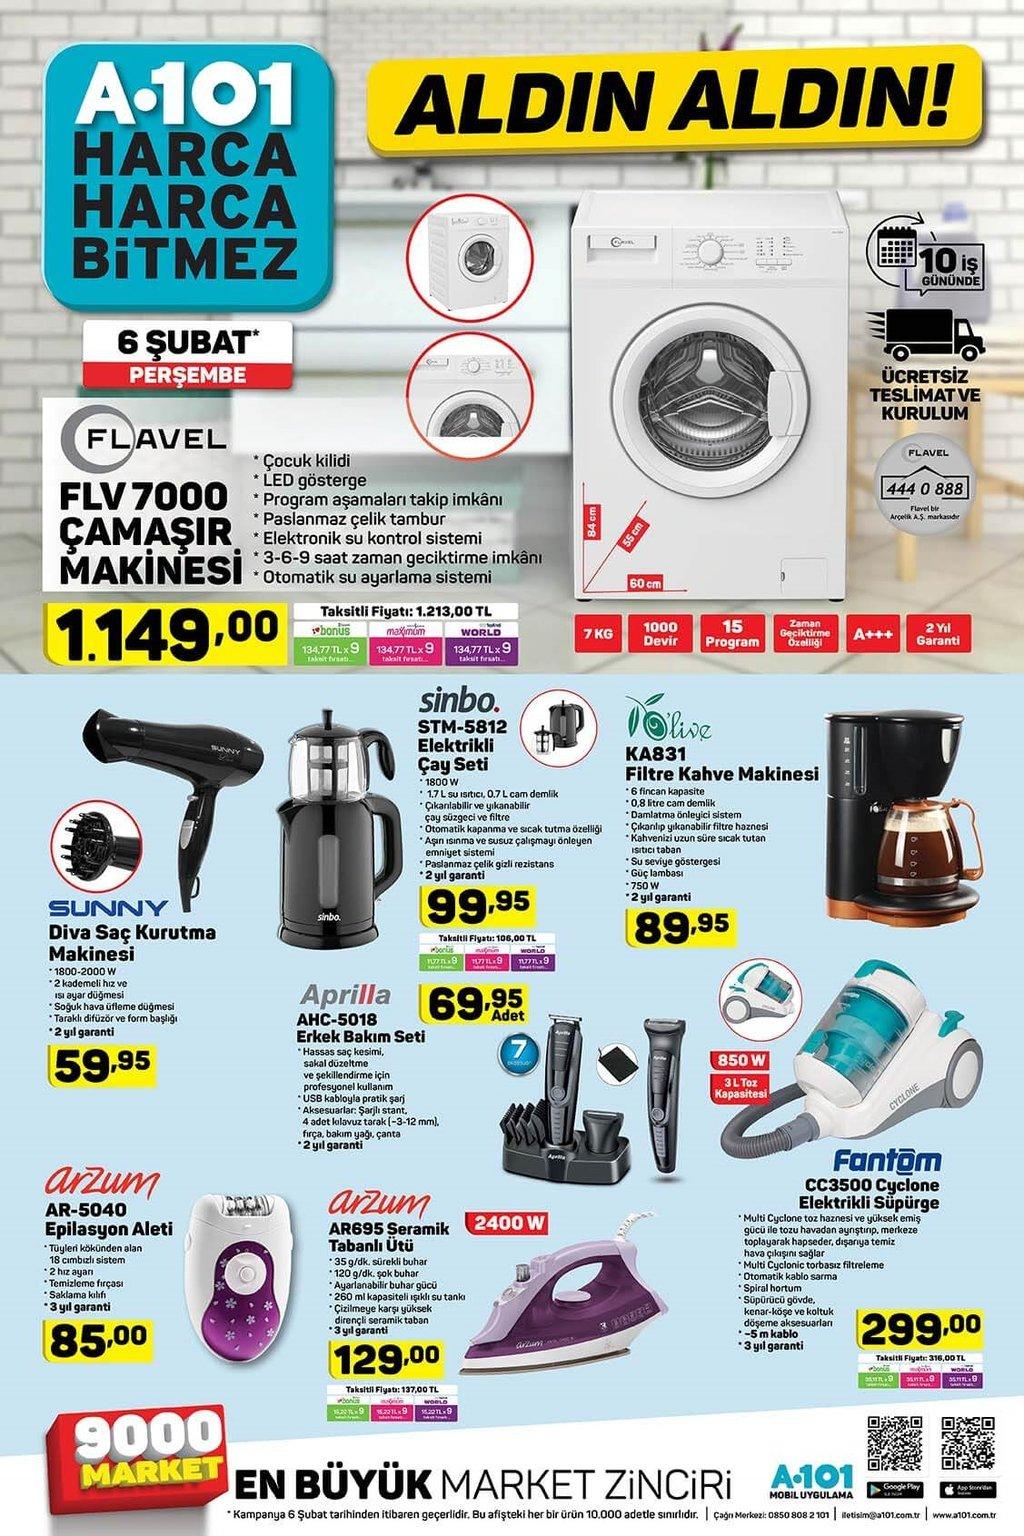 6 Şubat Perşembe A101 aktüel ürünler kataloğu indirimleri